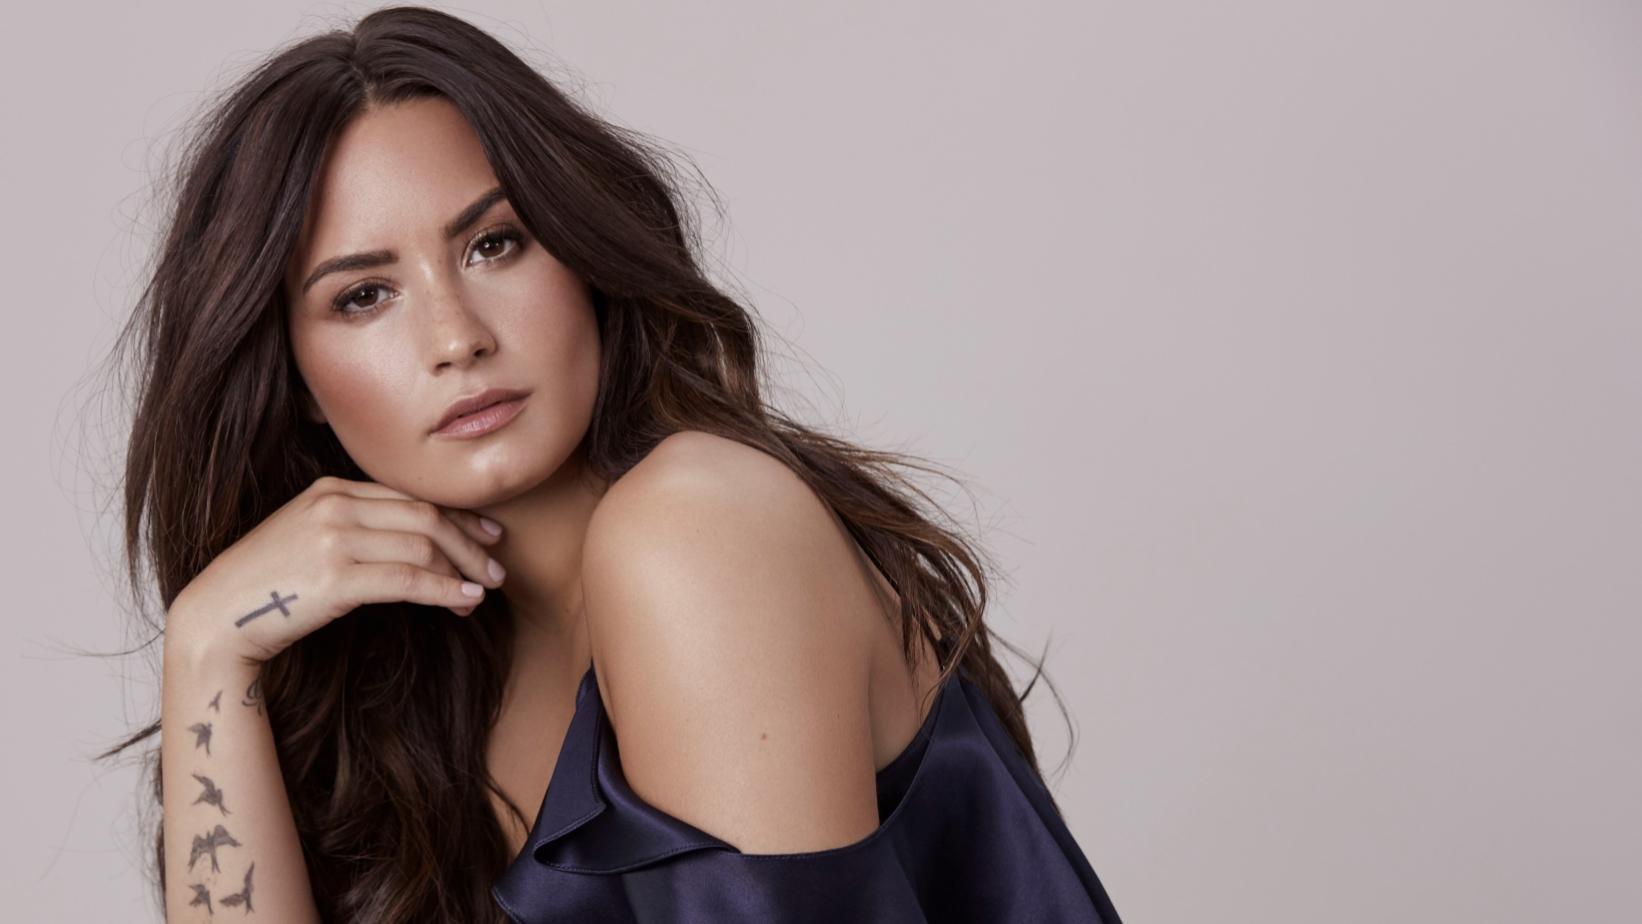 demi lovato 03 069 - Demi Lovato disponibilizará para seus fãs sessões de terapia antes do show em sua próxima turnê